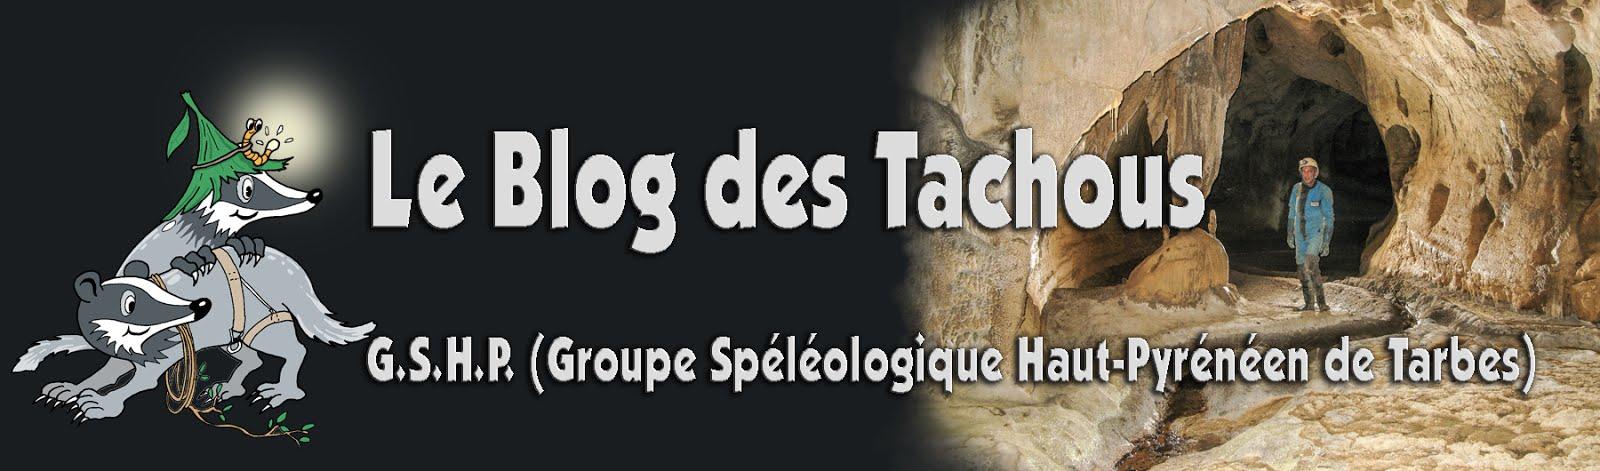 Le Blog des Tachous